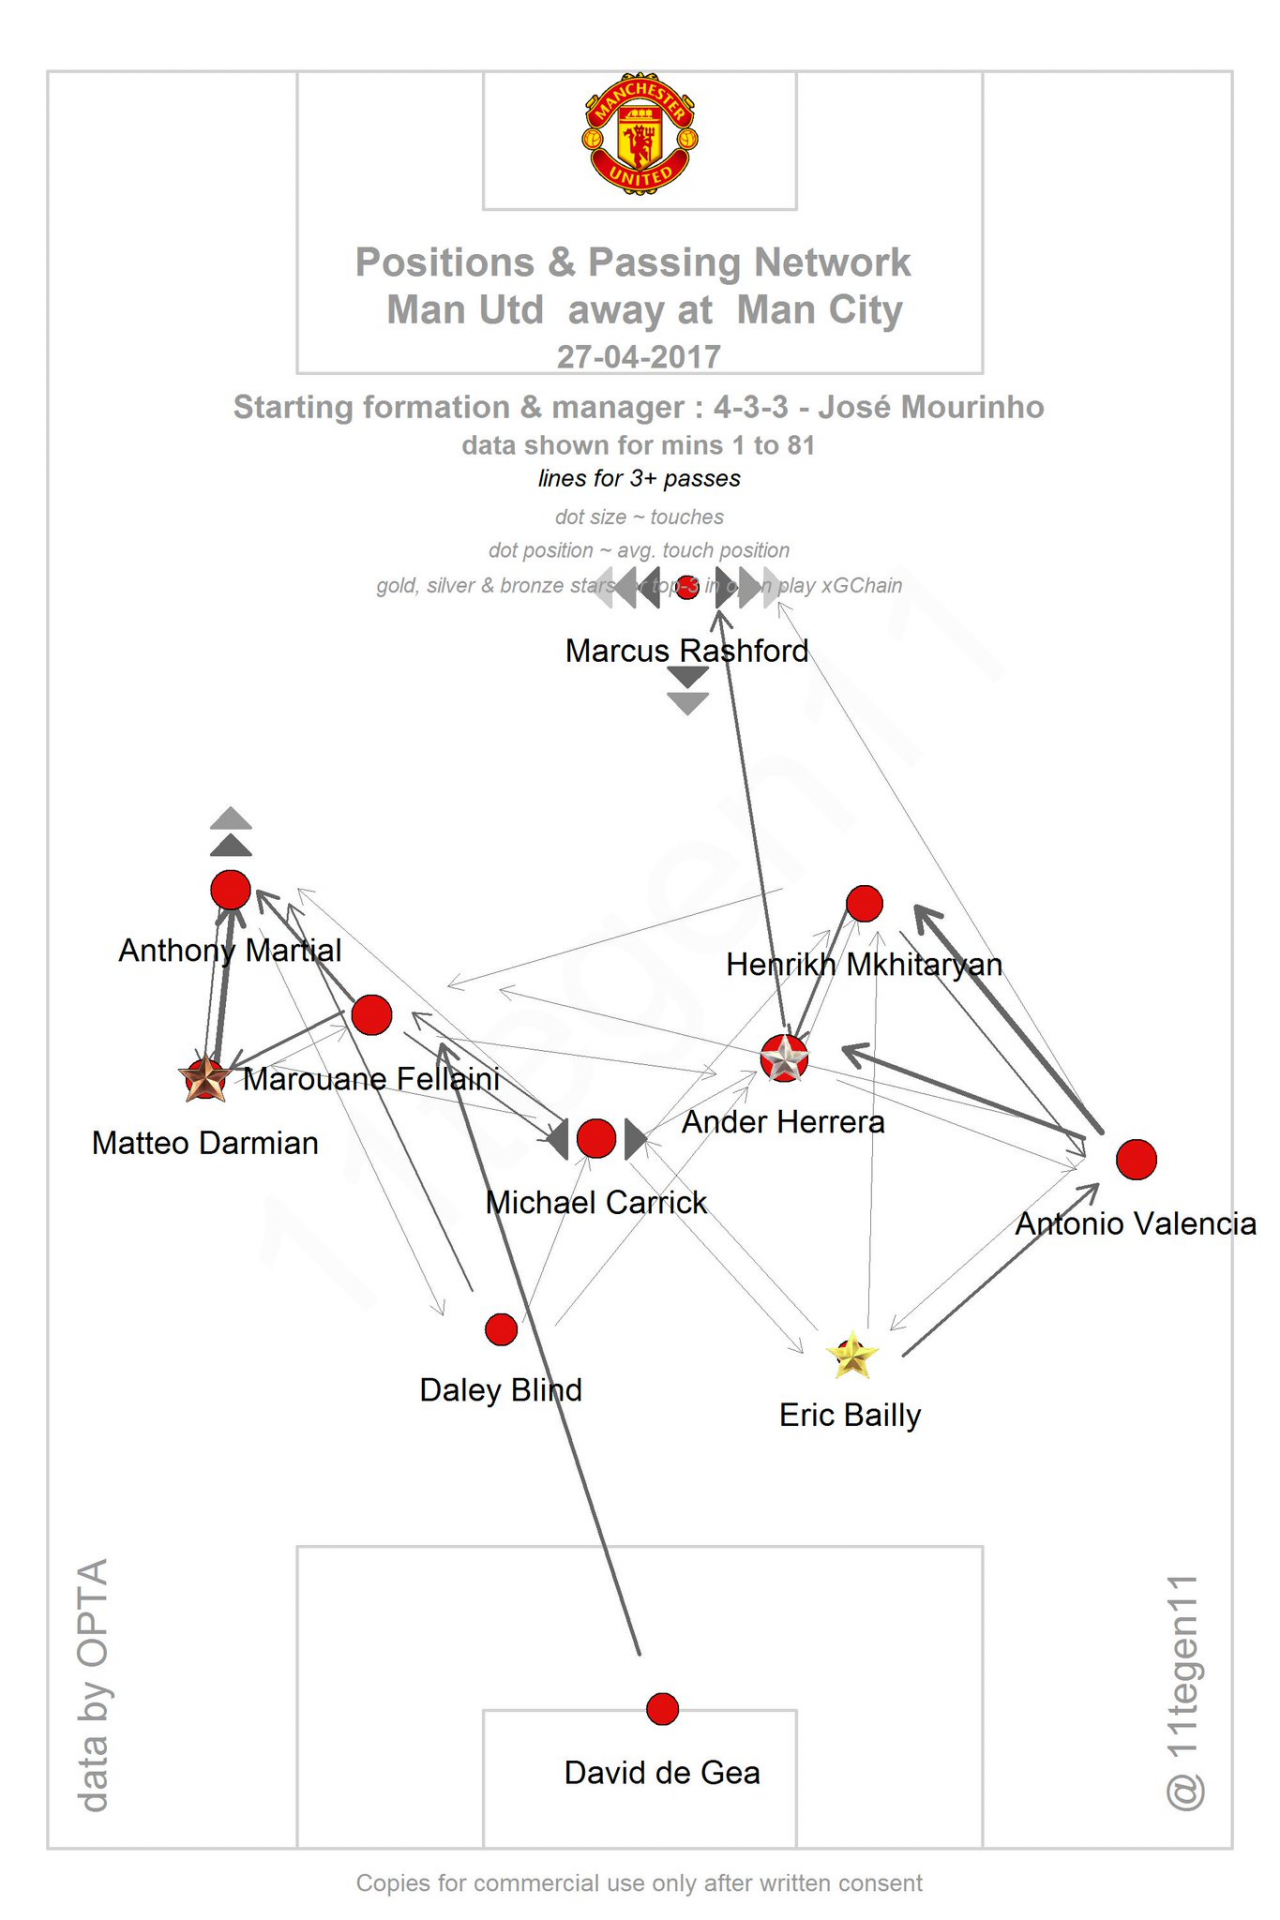 Усреднённые позиции игроков и сетка пасов в матче против «Сити» (гиперссылка)